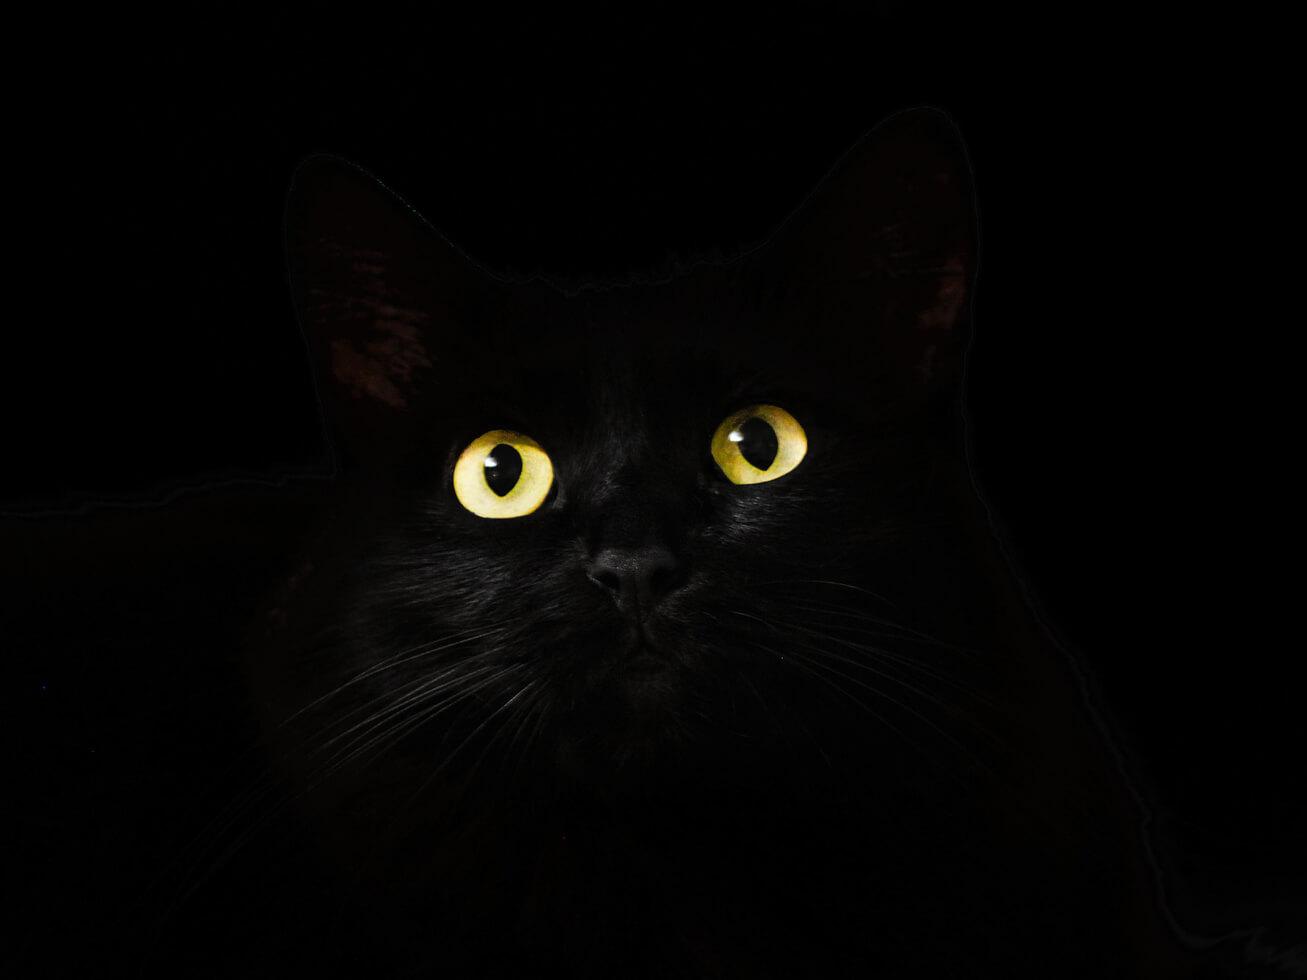 目が光る黒猫の写真